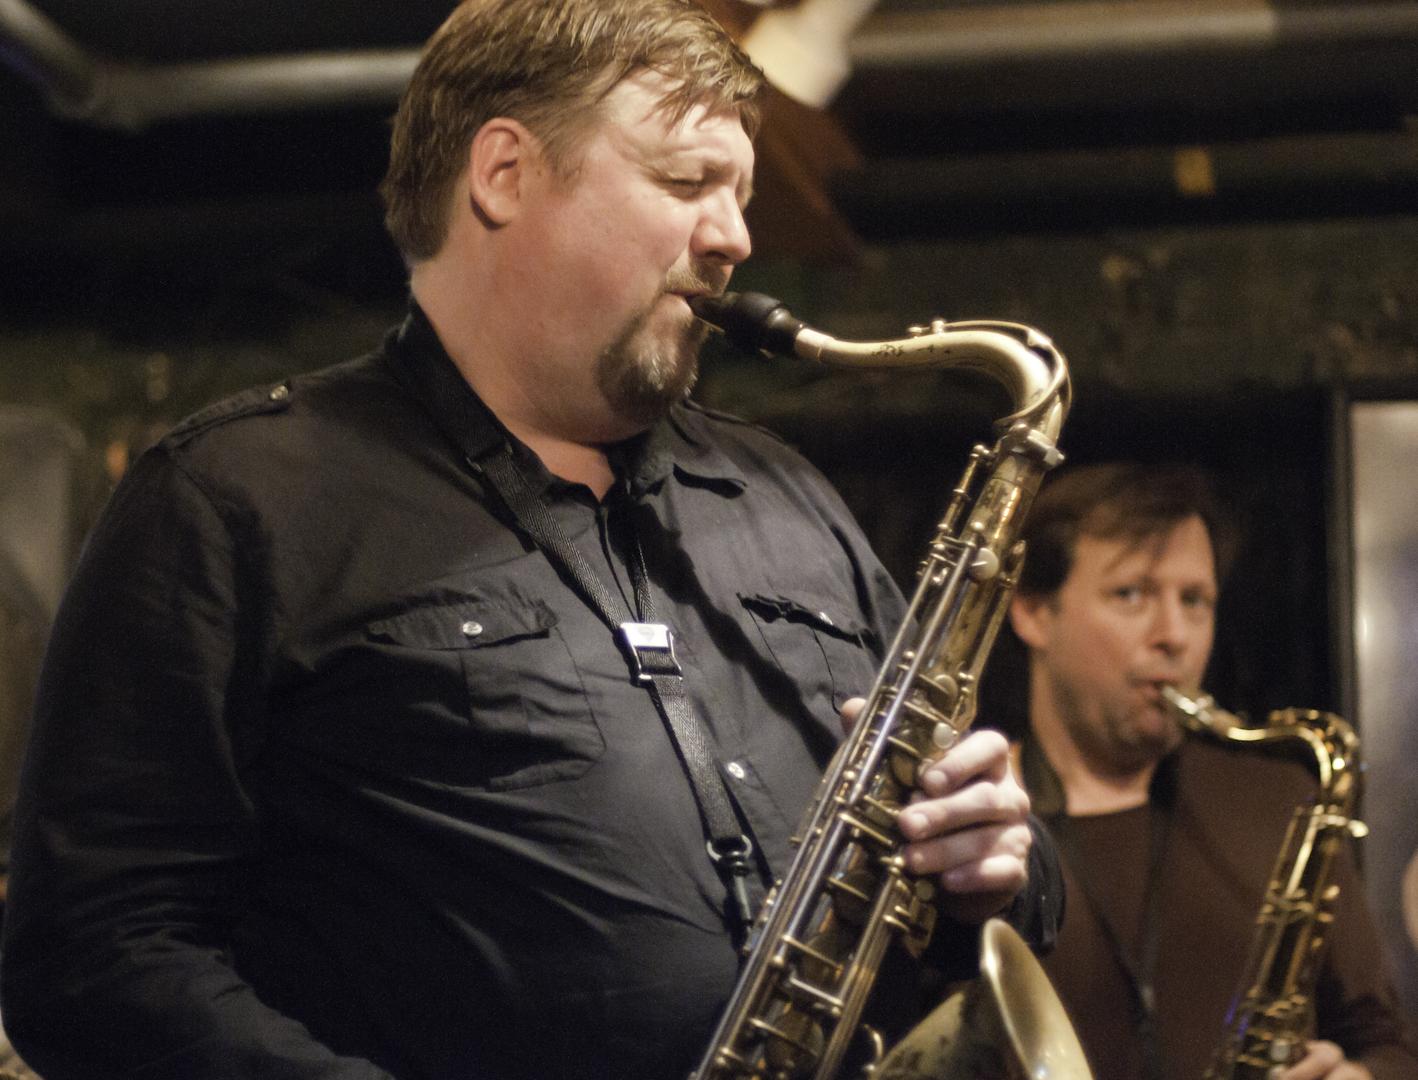 Joel Frahm with Ari Hoenig Trio